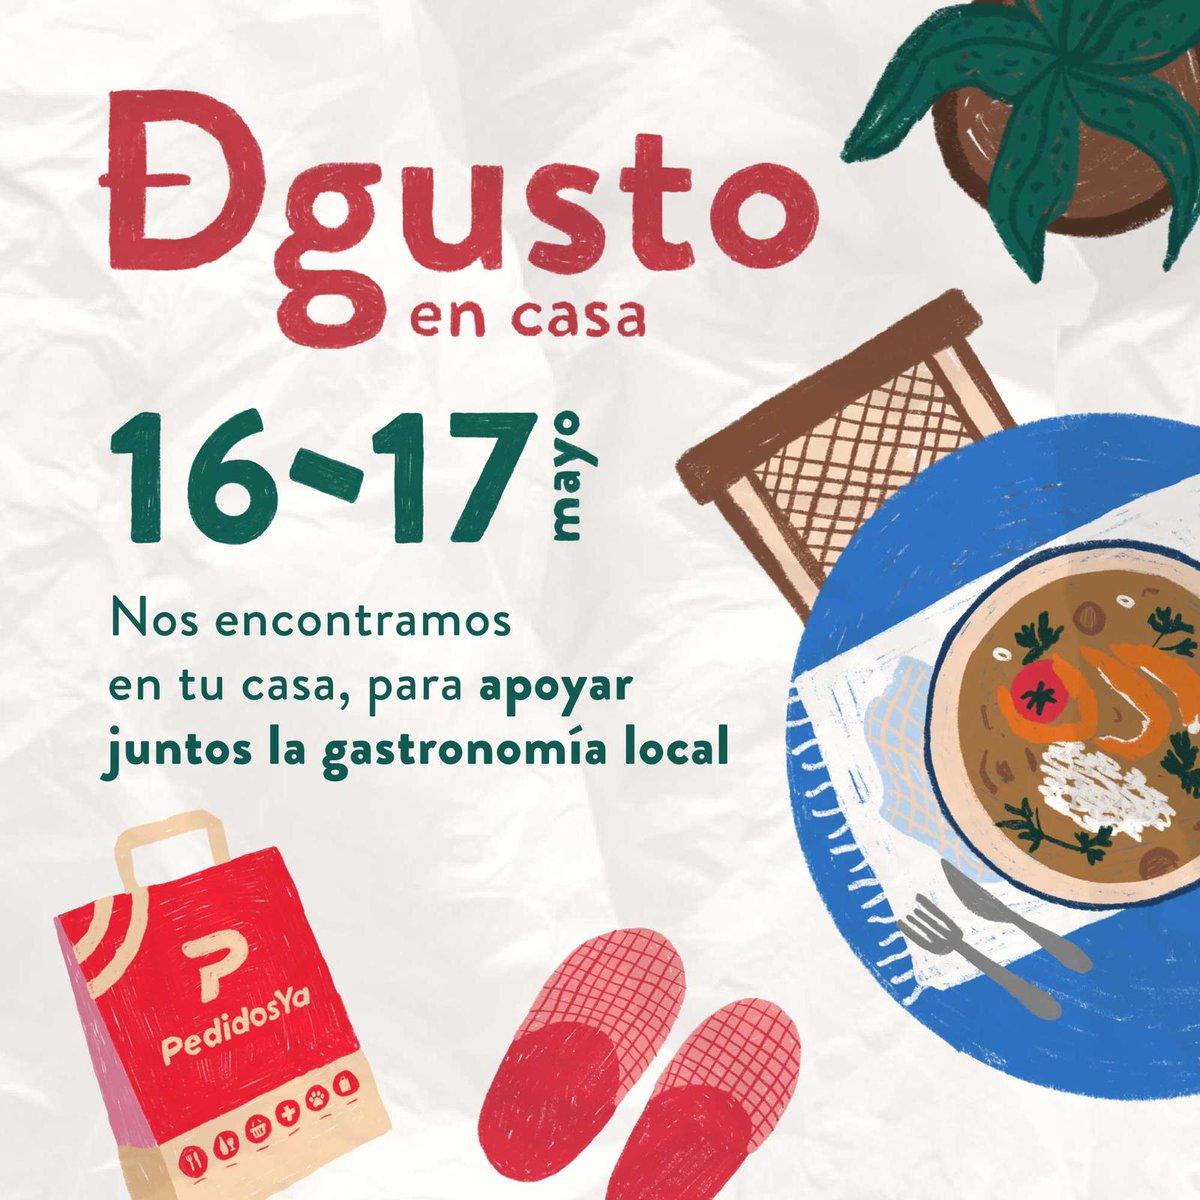 ¡No te vayas a olvidar que los días 16 y 17 de mayo Degusto en casa por Pedidos Ya! #YoDegustoEnCasa @degustomvd https://t.co/ZSnxoIwChz